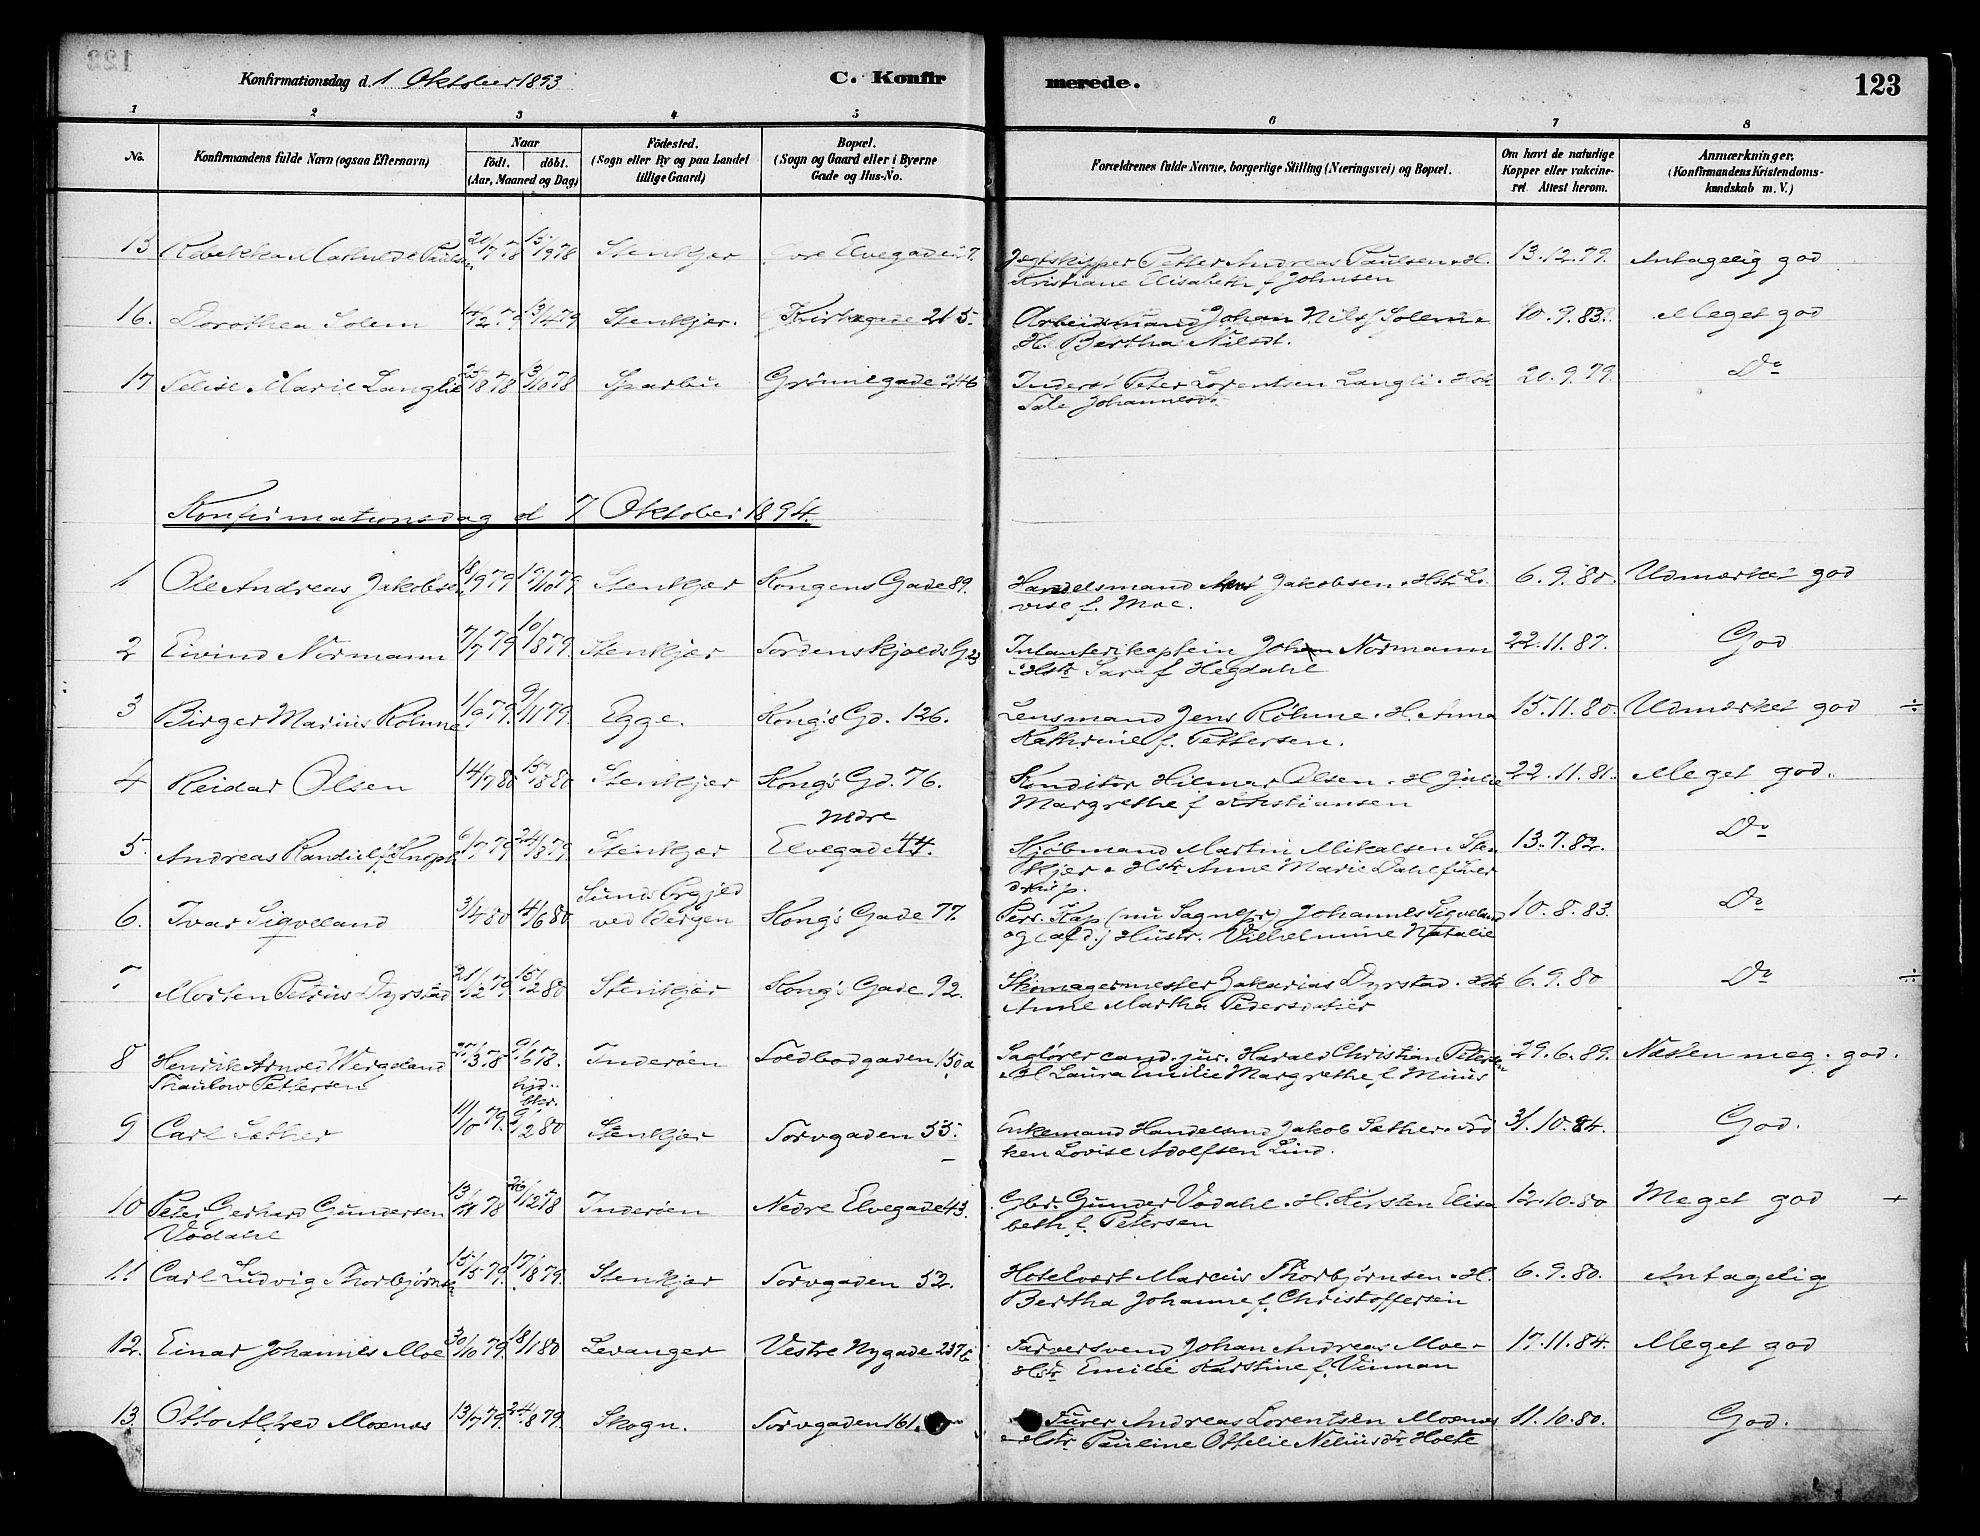 SAT, Ministerialprotokoller, klokkerbøker og fødselsregistre - Nord-Trøndelag, 739/L0371: Ministerialbok nr. 739A03, 1881-1895, s. 123